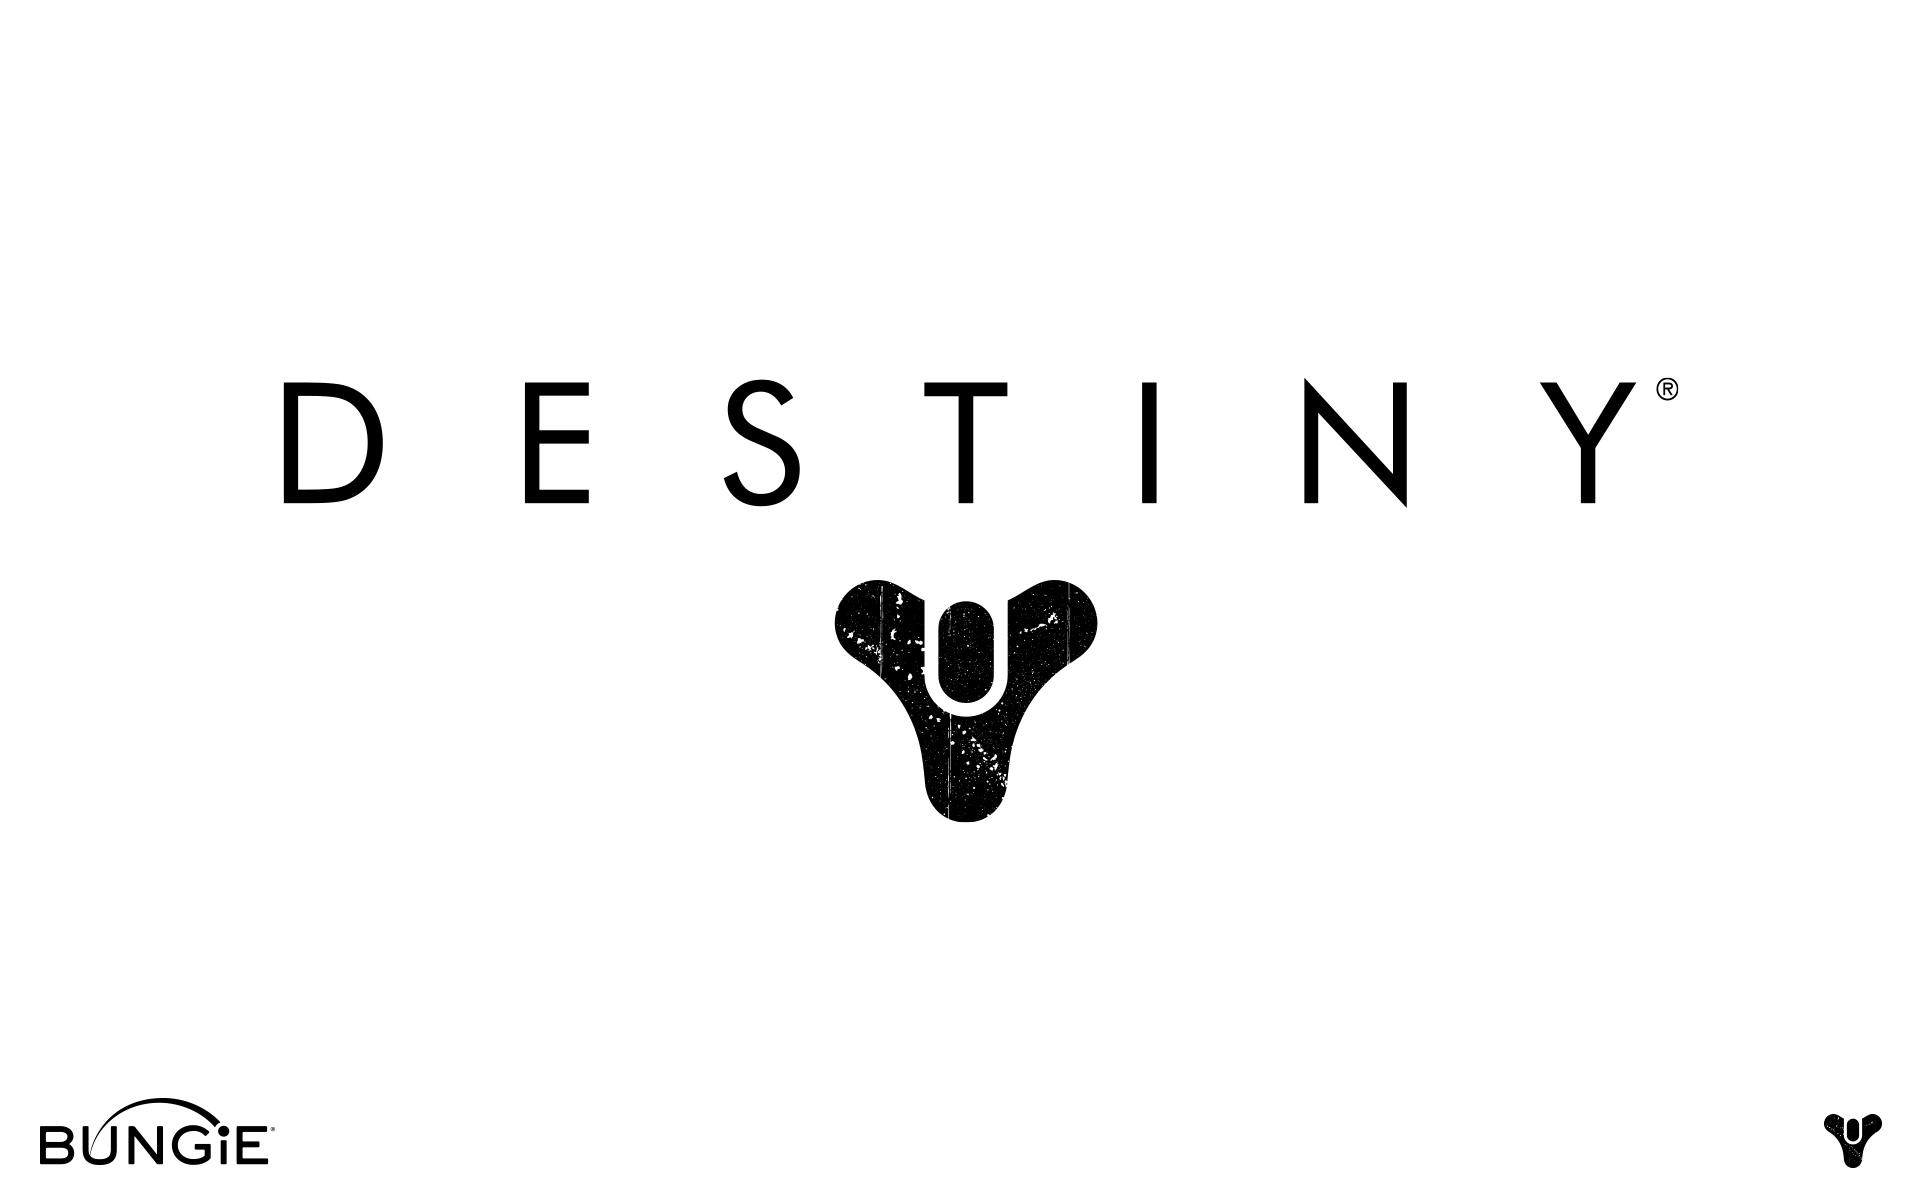 destiny game logo - photo #6